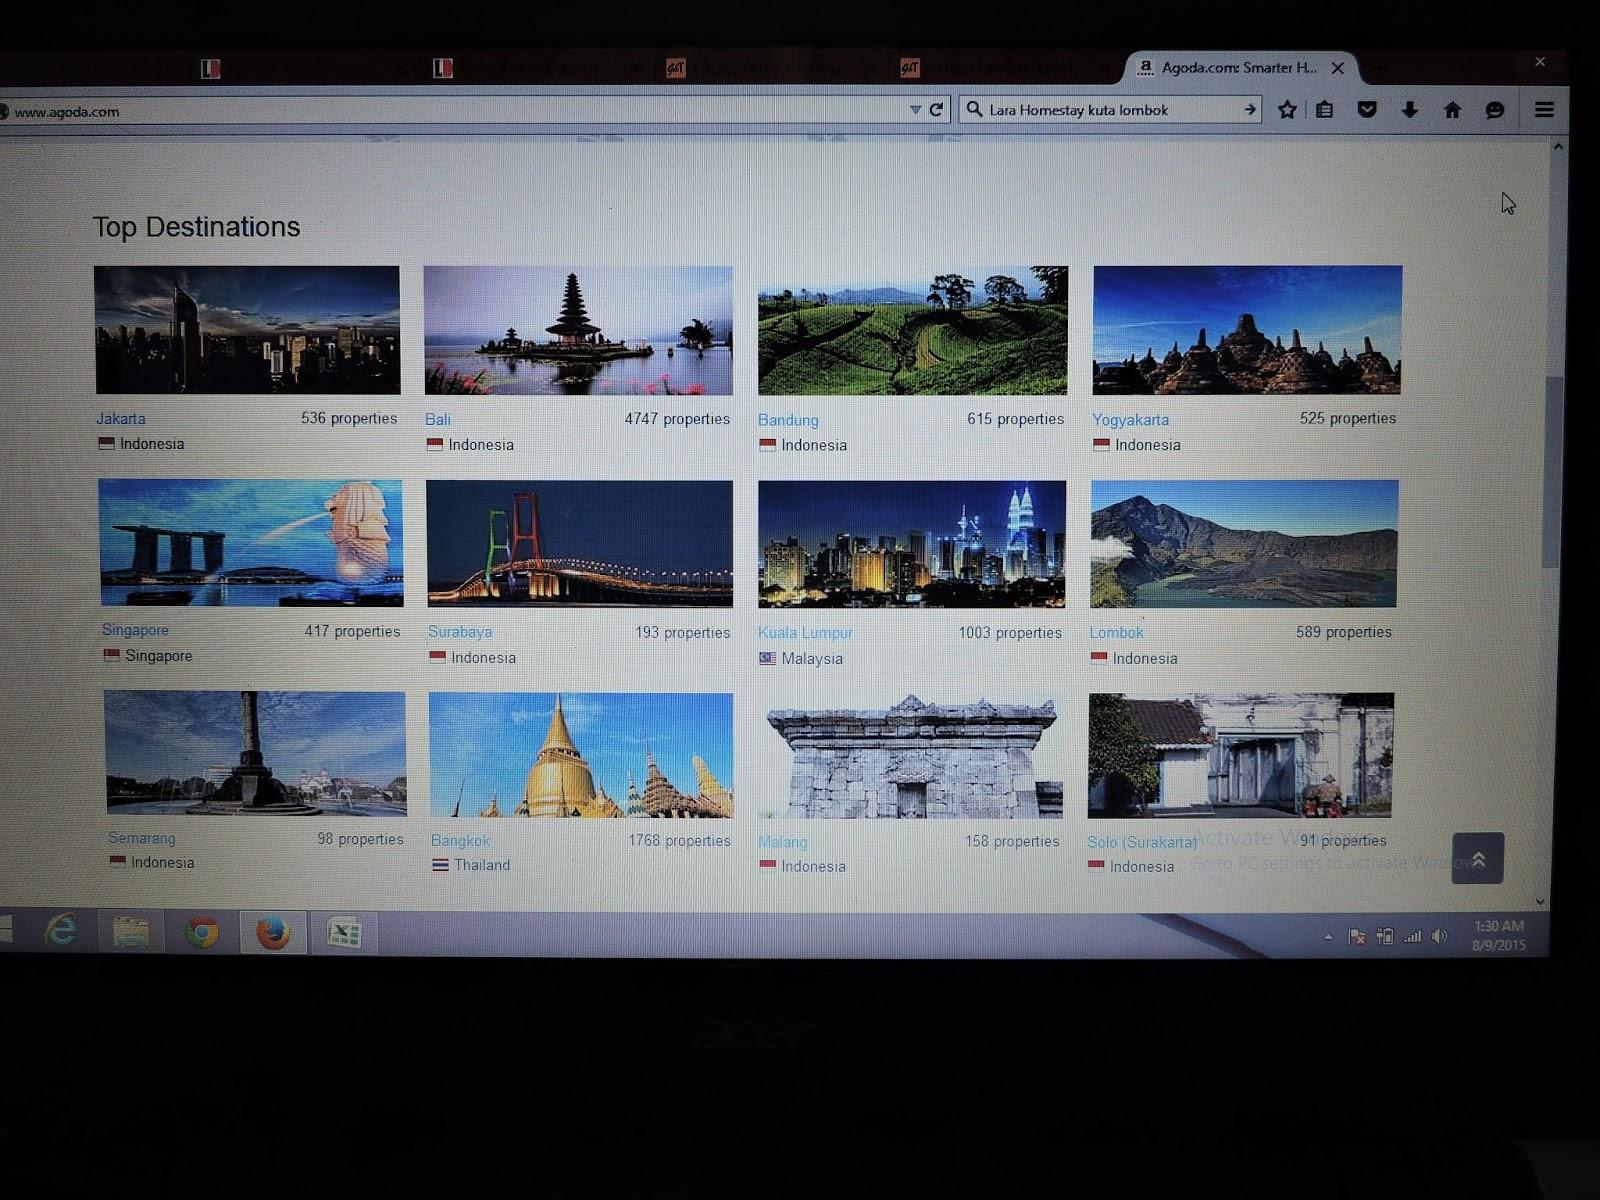 Bagaimana membangun situs seperti Agoda.com ~ Solusi